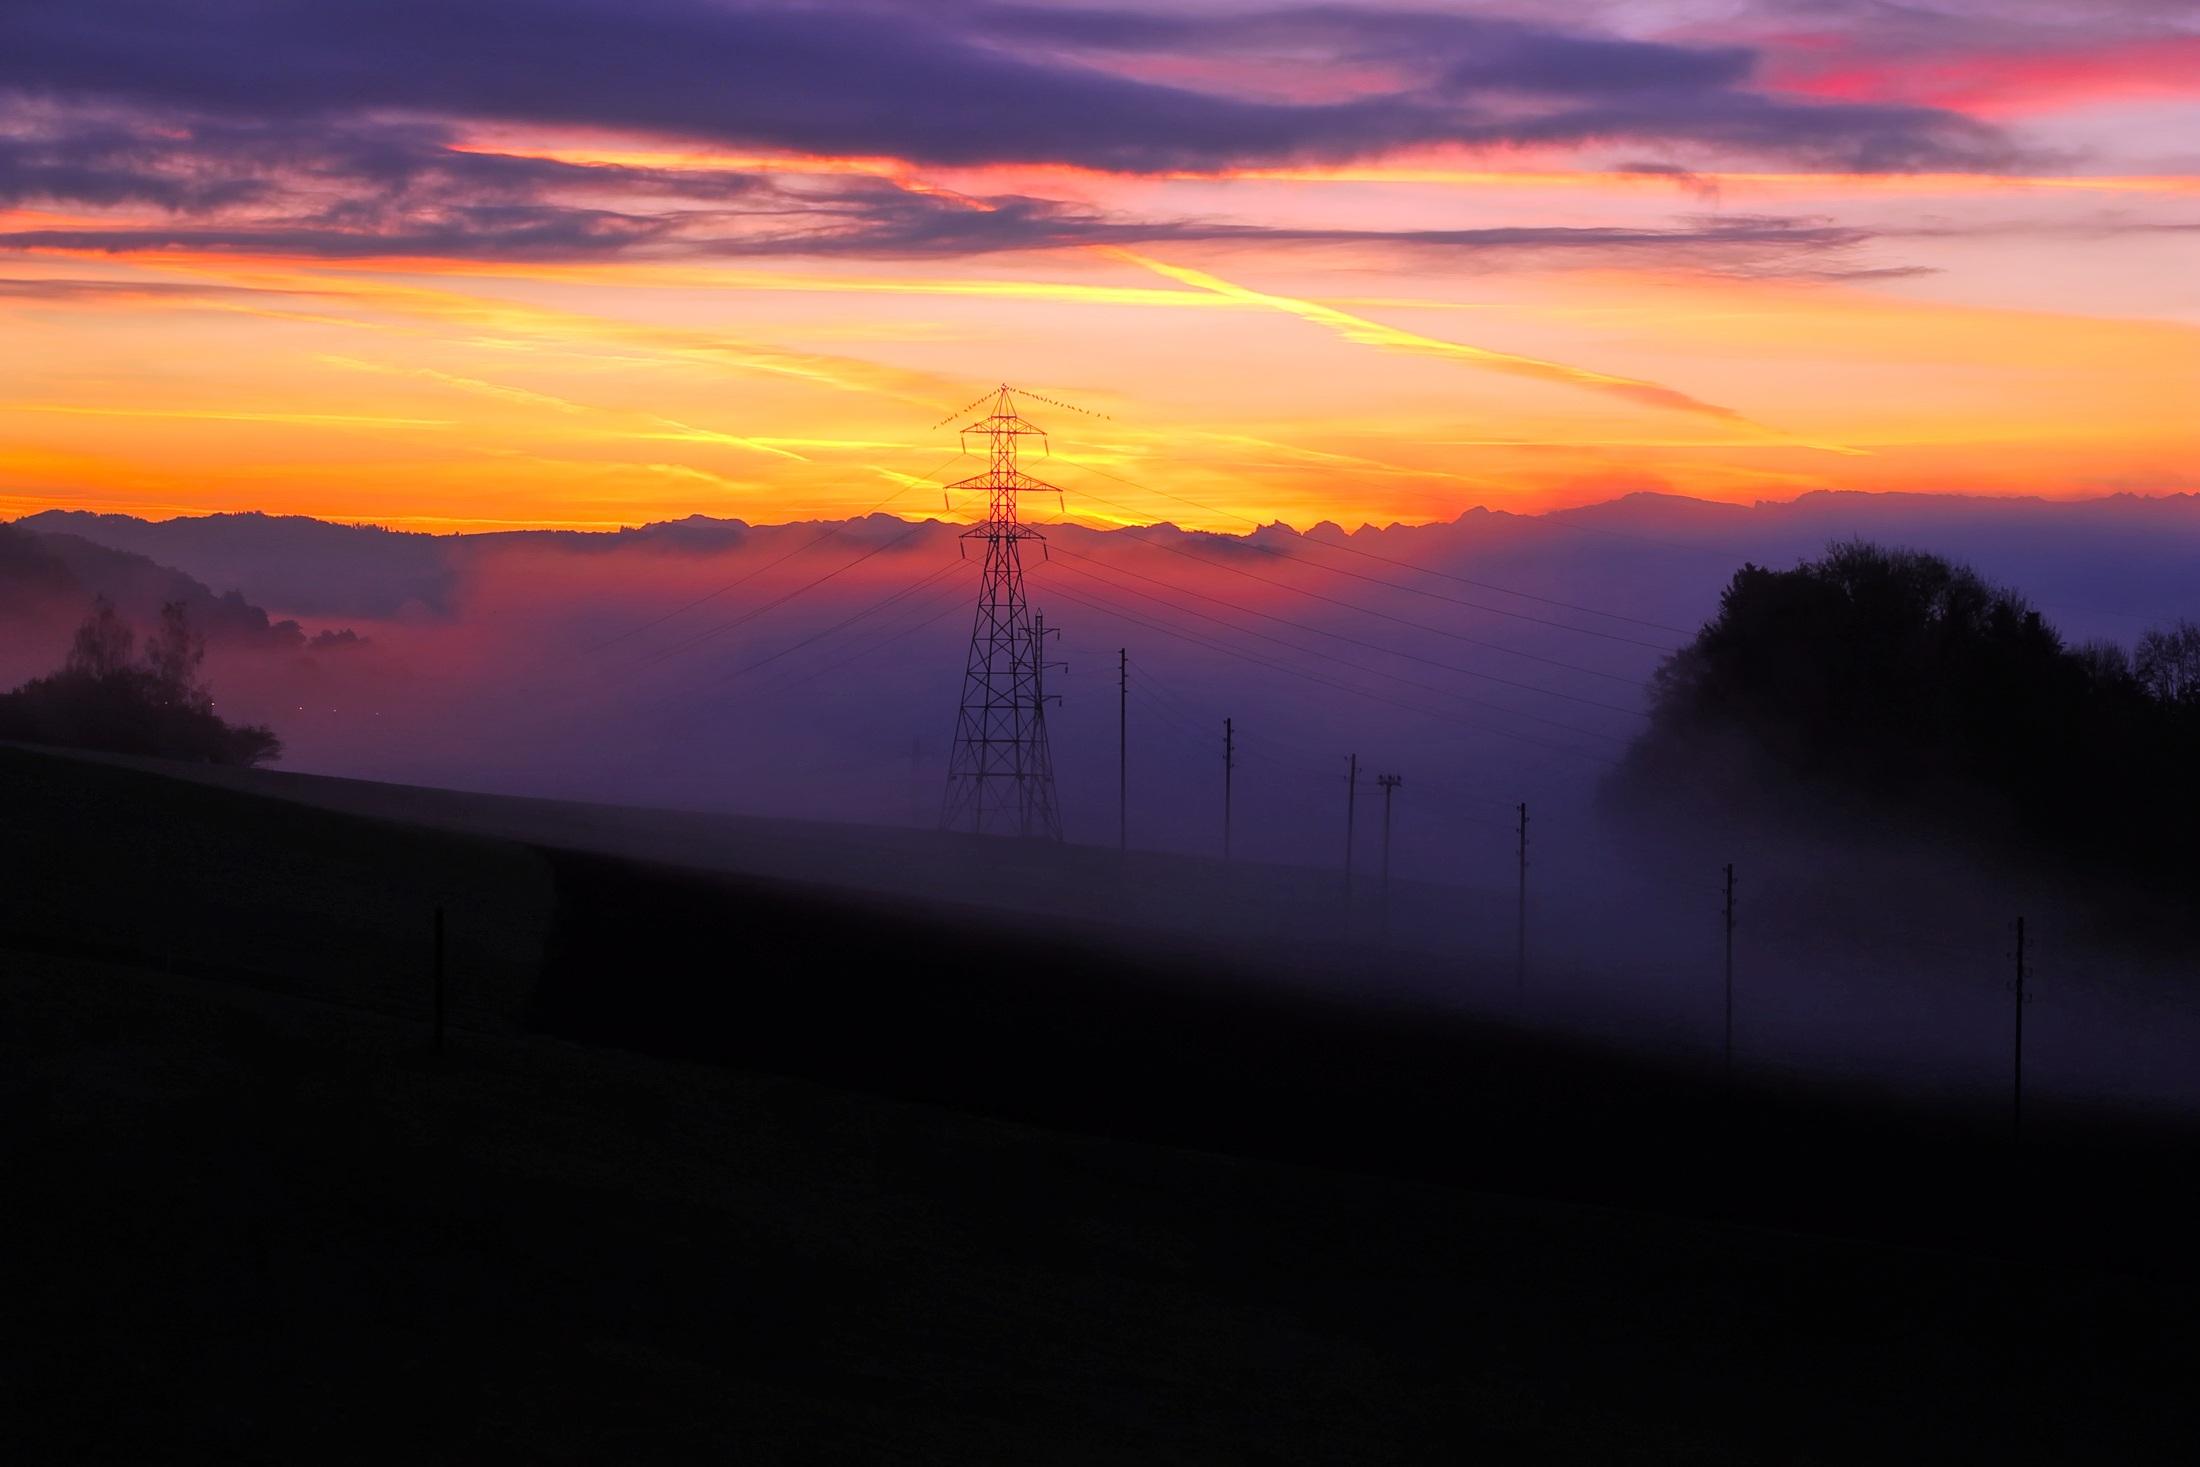 69184 скачать обои Природа, Закат, Туман, Швейцария, Пелена - заставки и картинки бесплатно